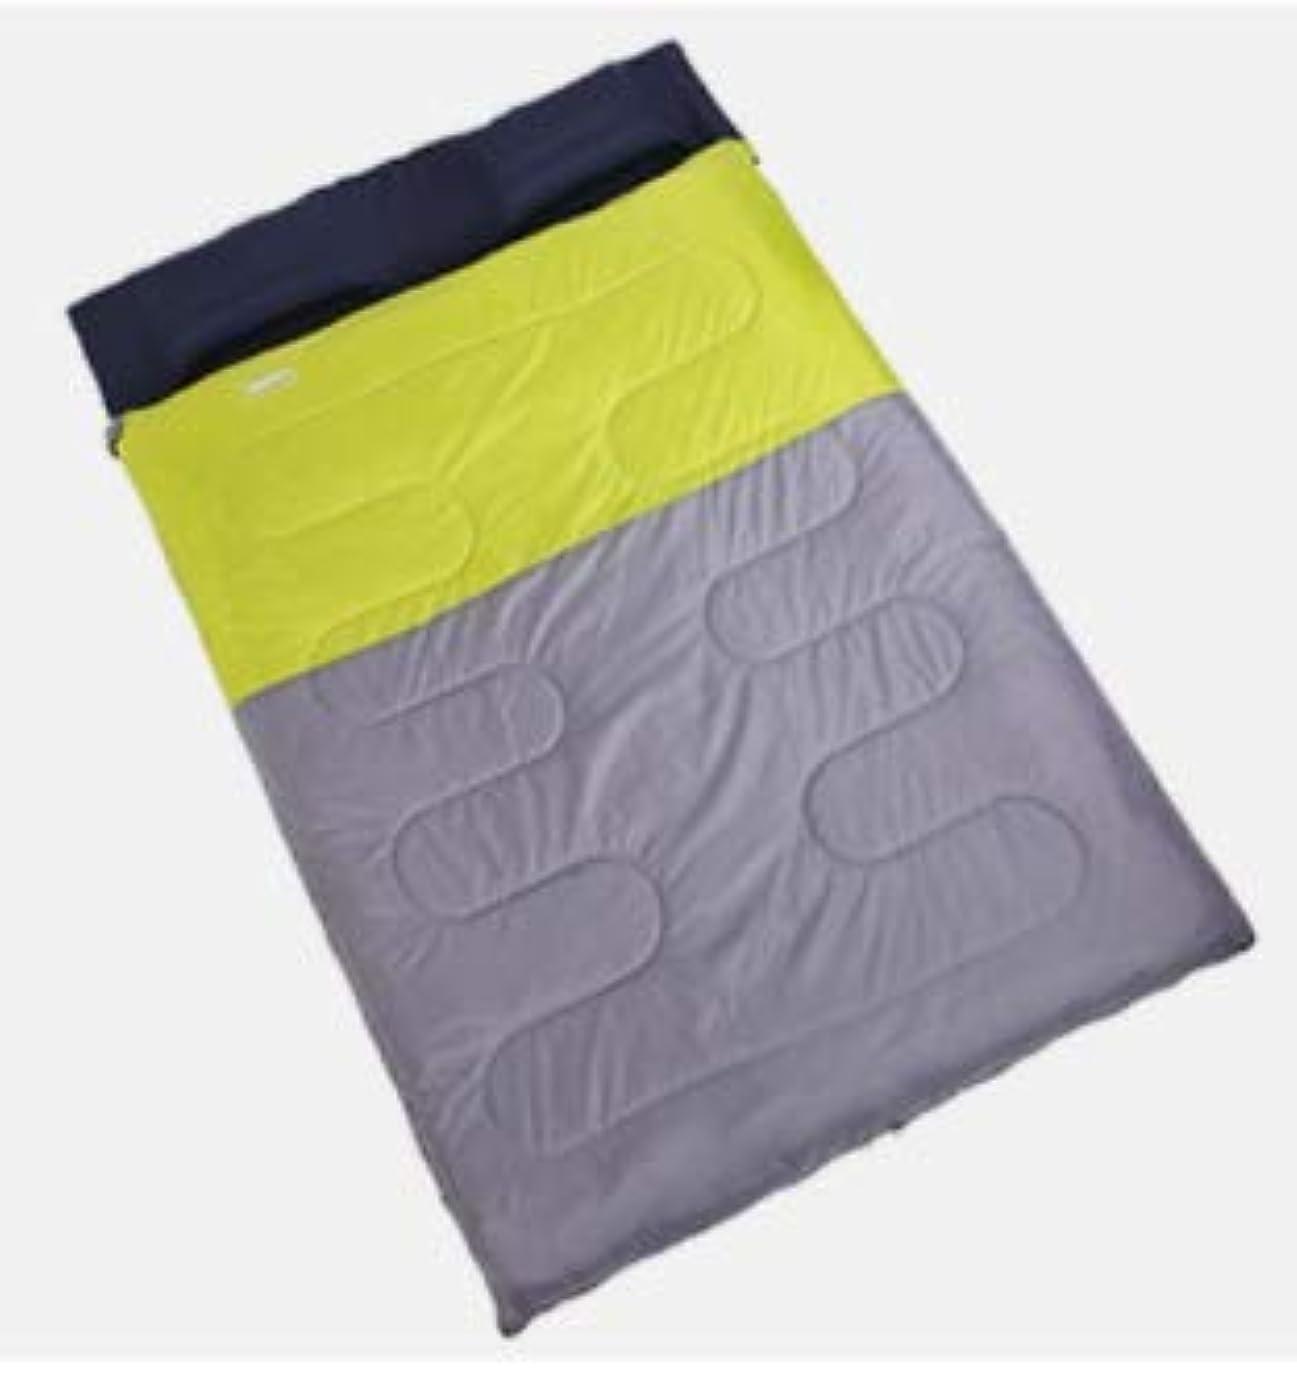 軽蔑する不適切なゆるいLishangl アウトドア寝袋ダブル春と秋冬肥厚キャンプランチ寝袋取り外し可能 (Color : グリーン)